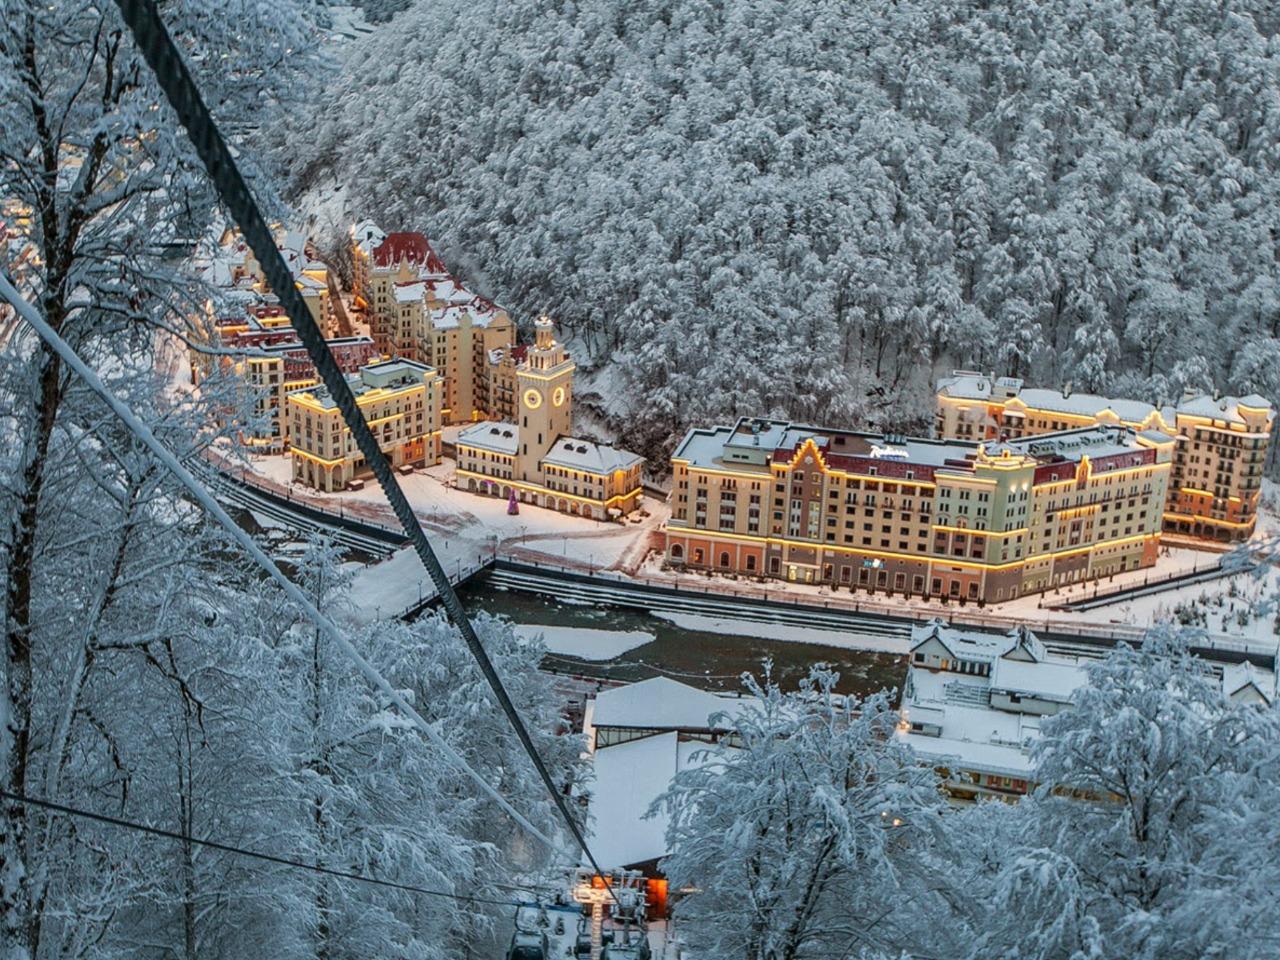 Красная Поляна: от поселка до мирового курорта - индивидуальная экскурсия в Сочи от опытного гида